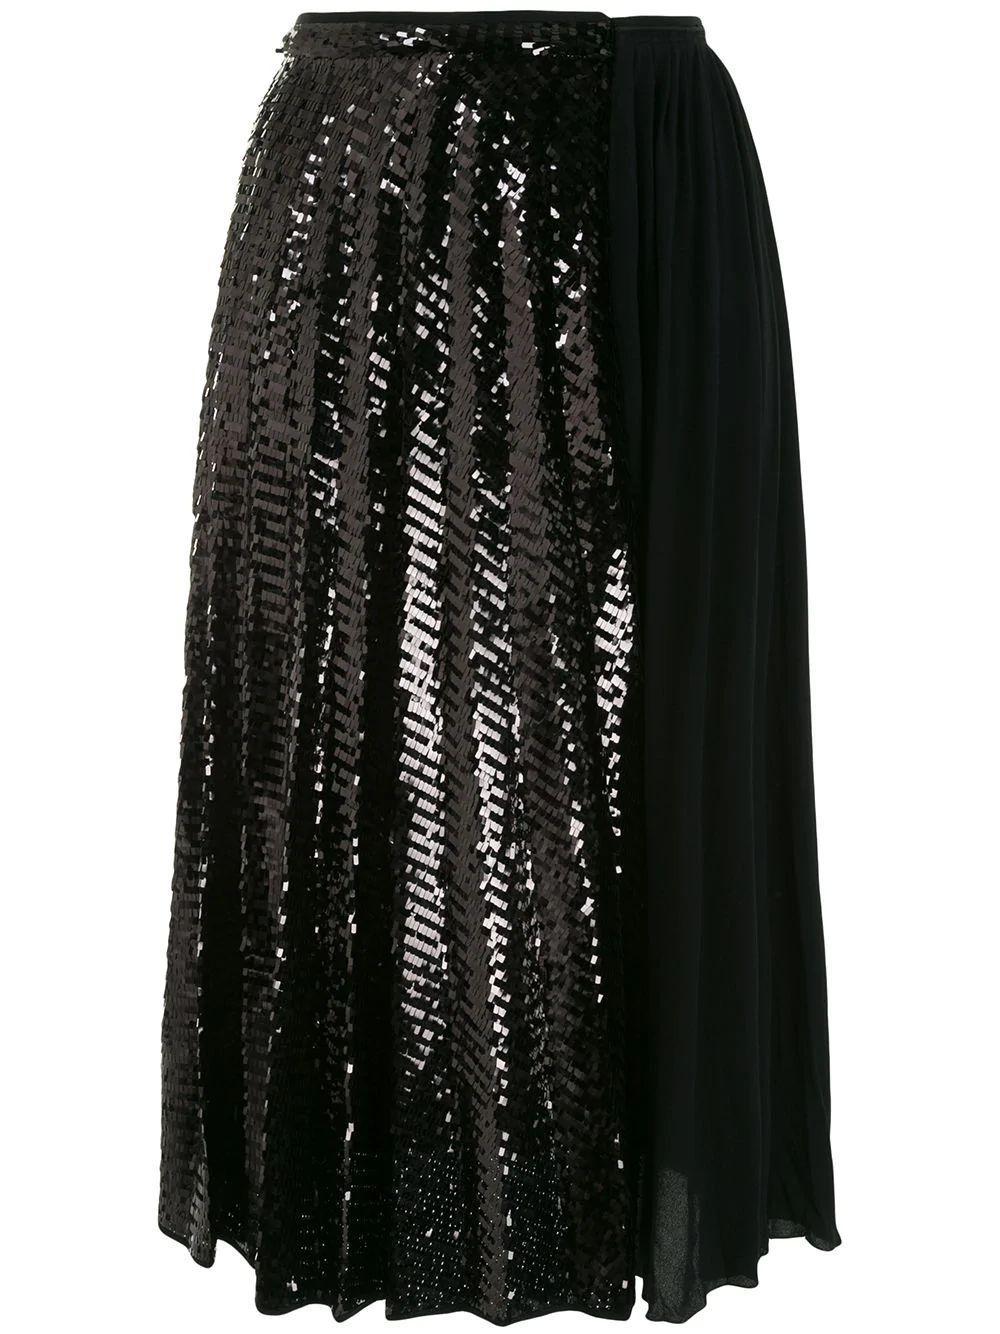 Black Pleated Midi Skirt Item # C071-4890-9000